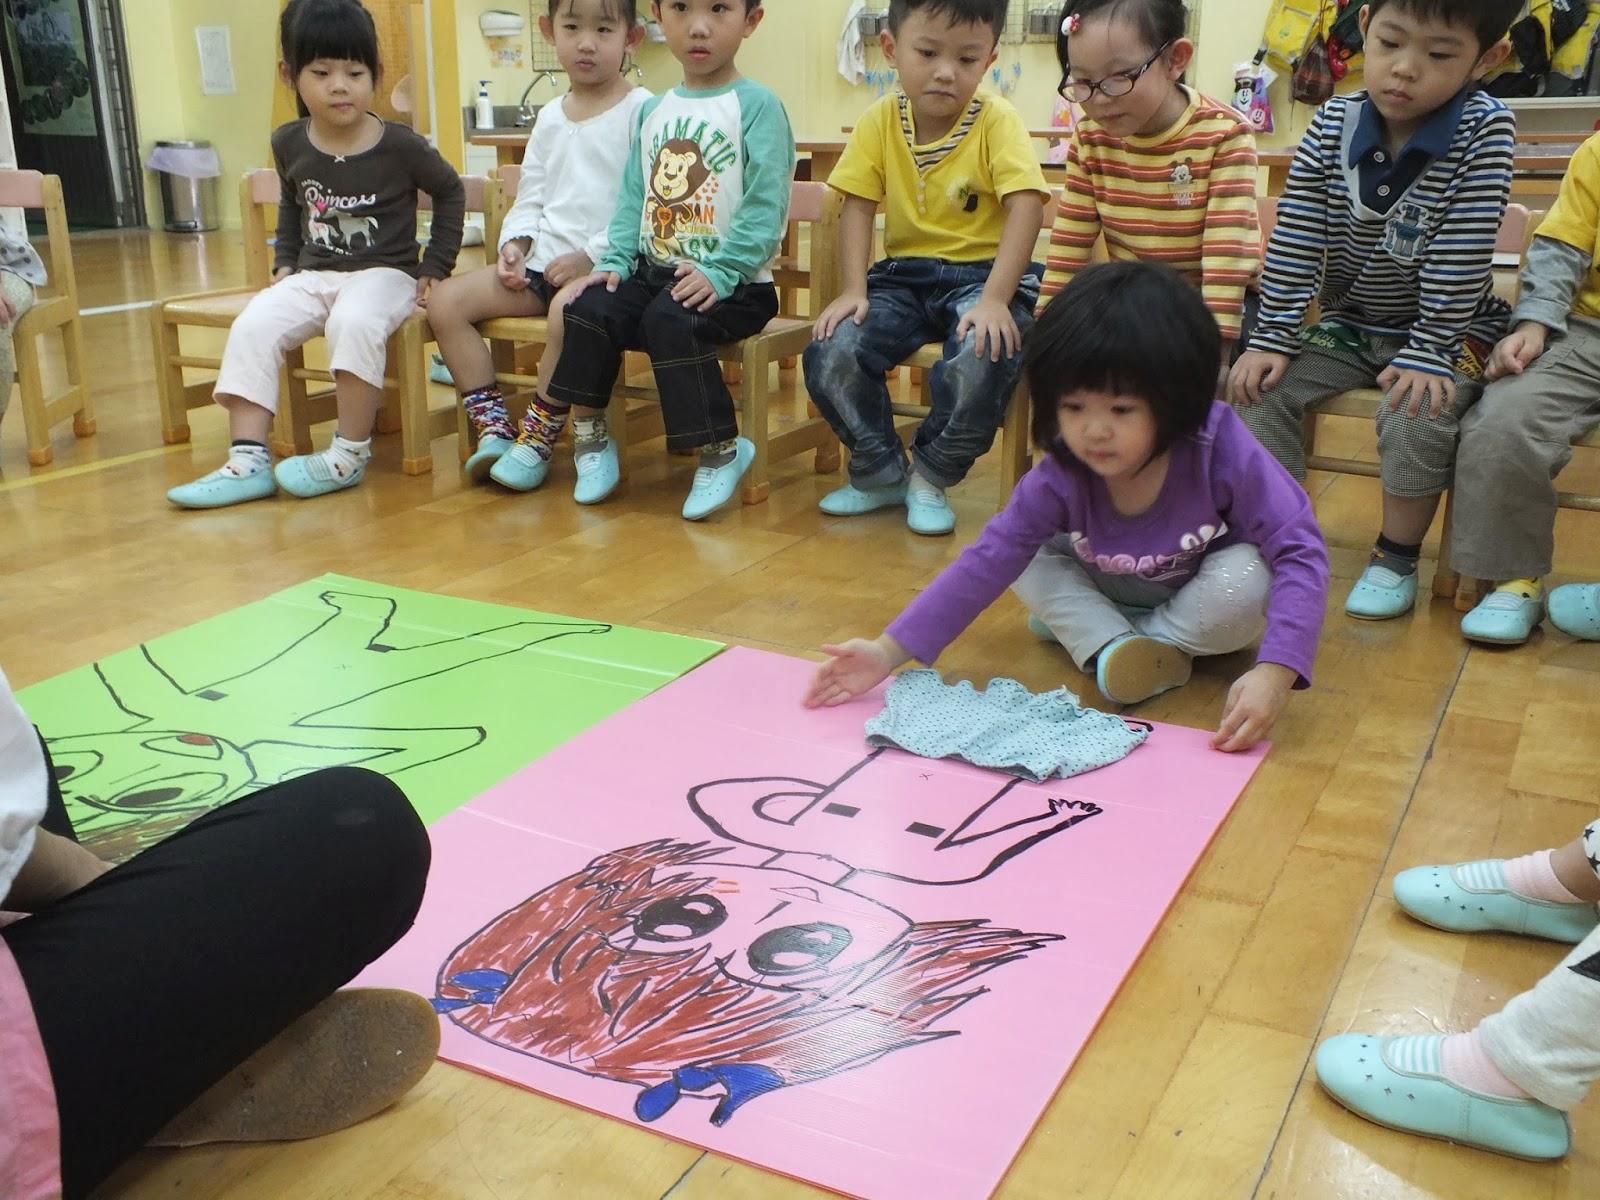 臺北市私立大大樹幼兒園: 身體紅綠燈.健康教育活動分享!